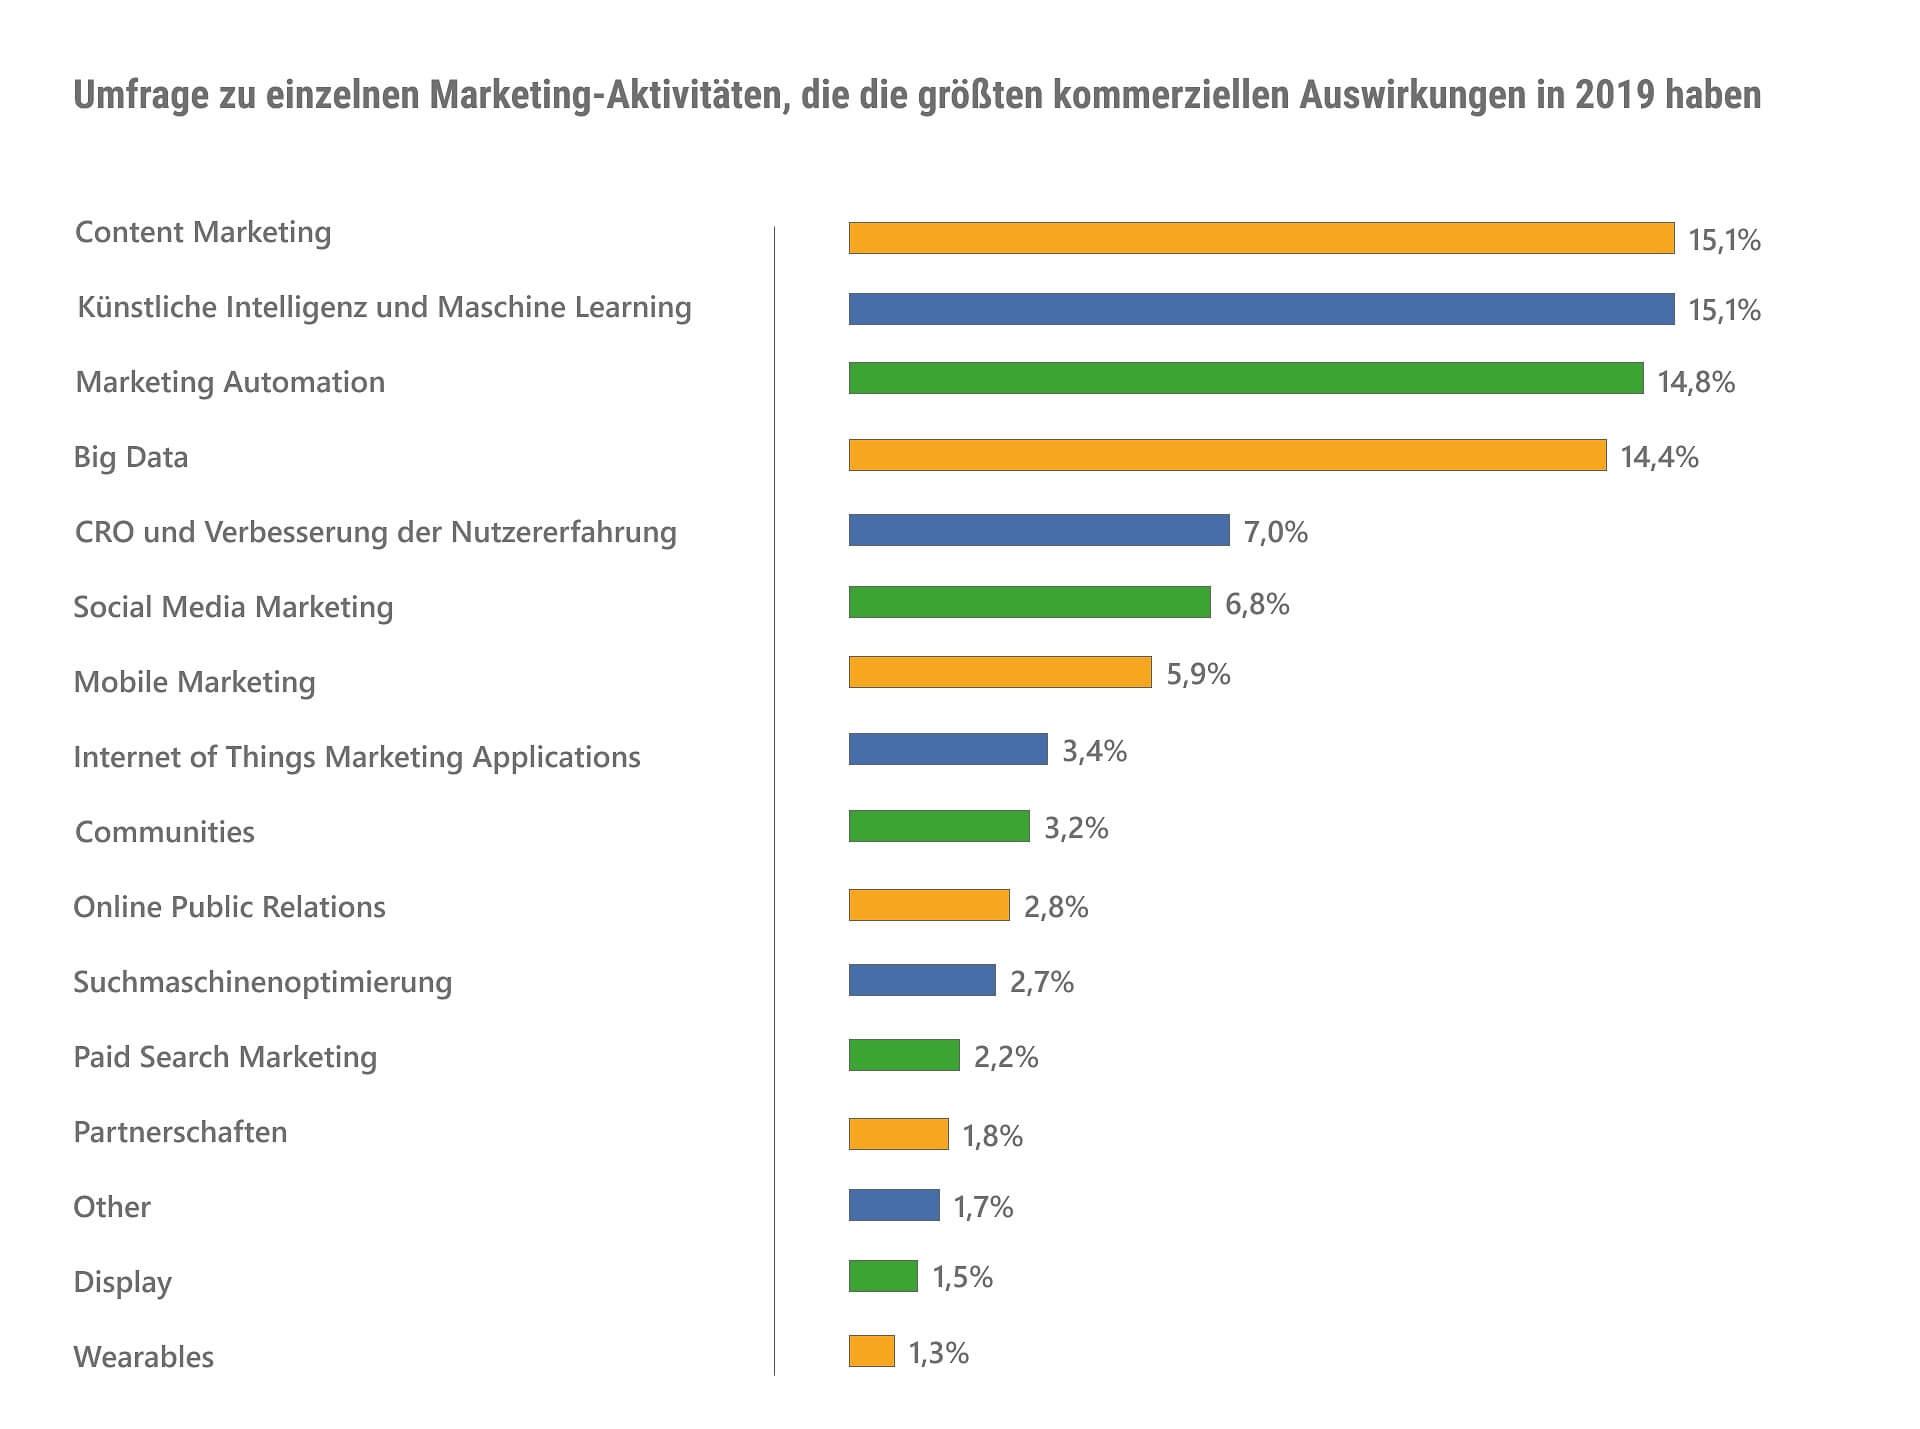 Umfragestatistik zu einzelnen Marketing Aktivitäten und den Impact der Auswirkungen in 2019